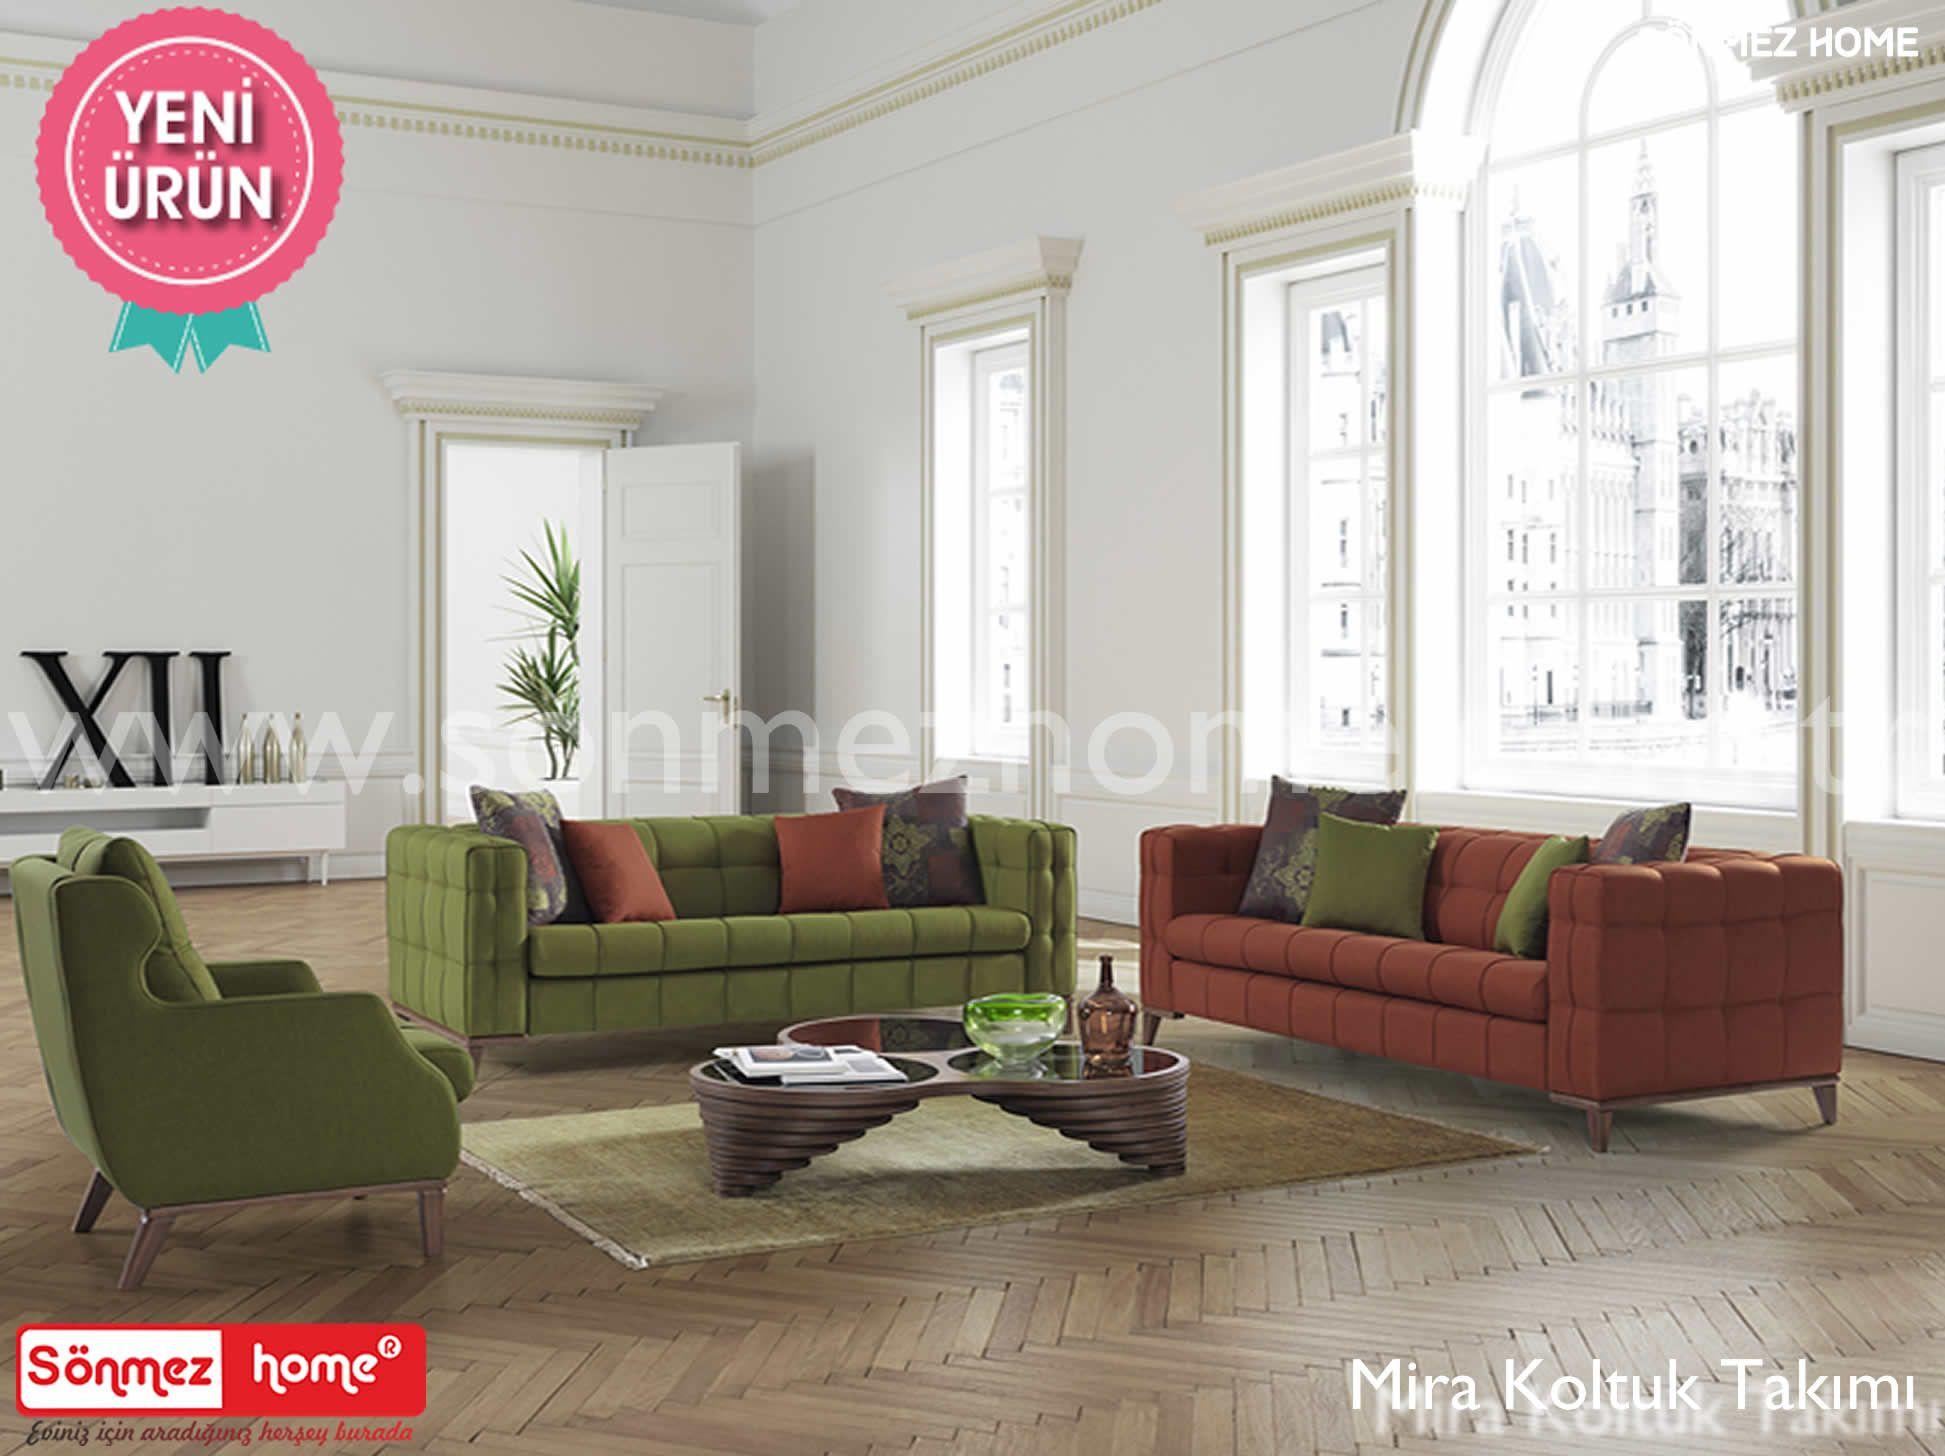 Mira Modern Koltuk Takimi Yaz Esintilerini Evinize Tasiyor Modern Furniture Mobilya Fantastik Koltuk Takimi S Modern Mobilya Mobilya Fikirleri Mobilya